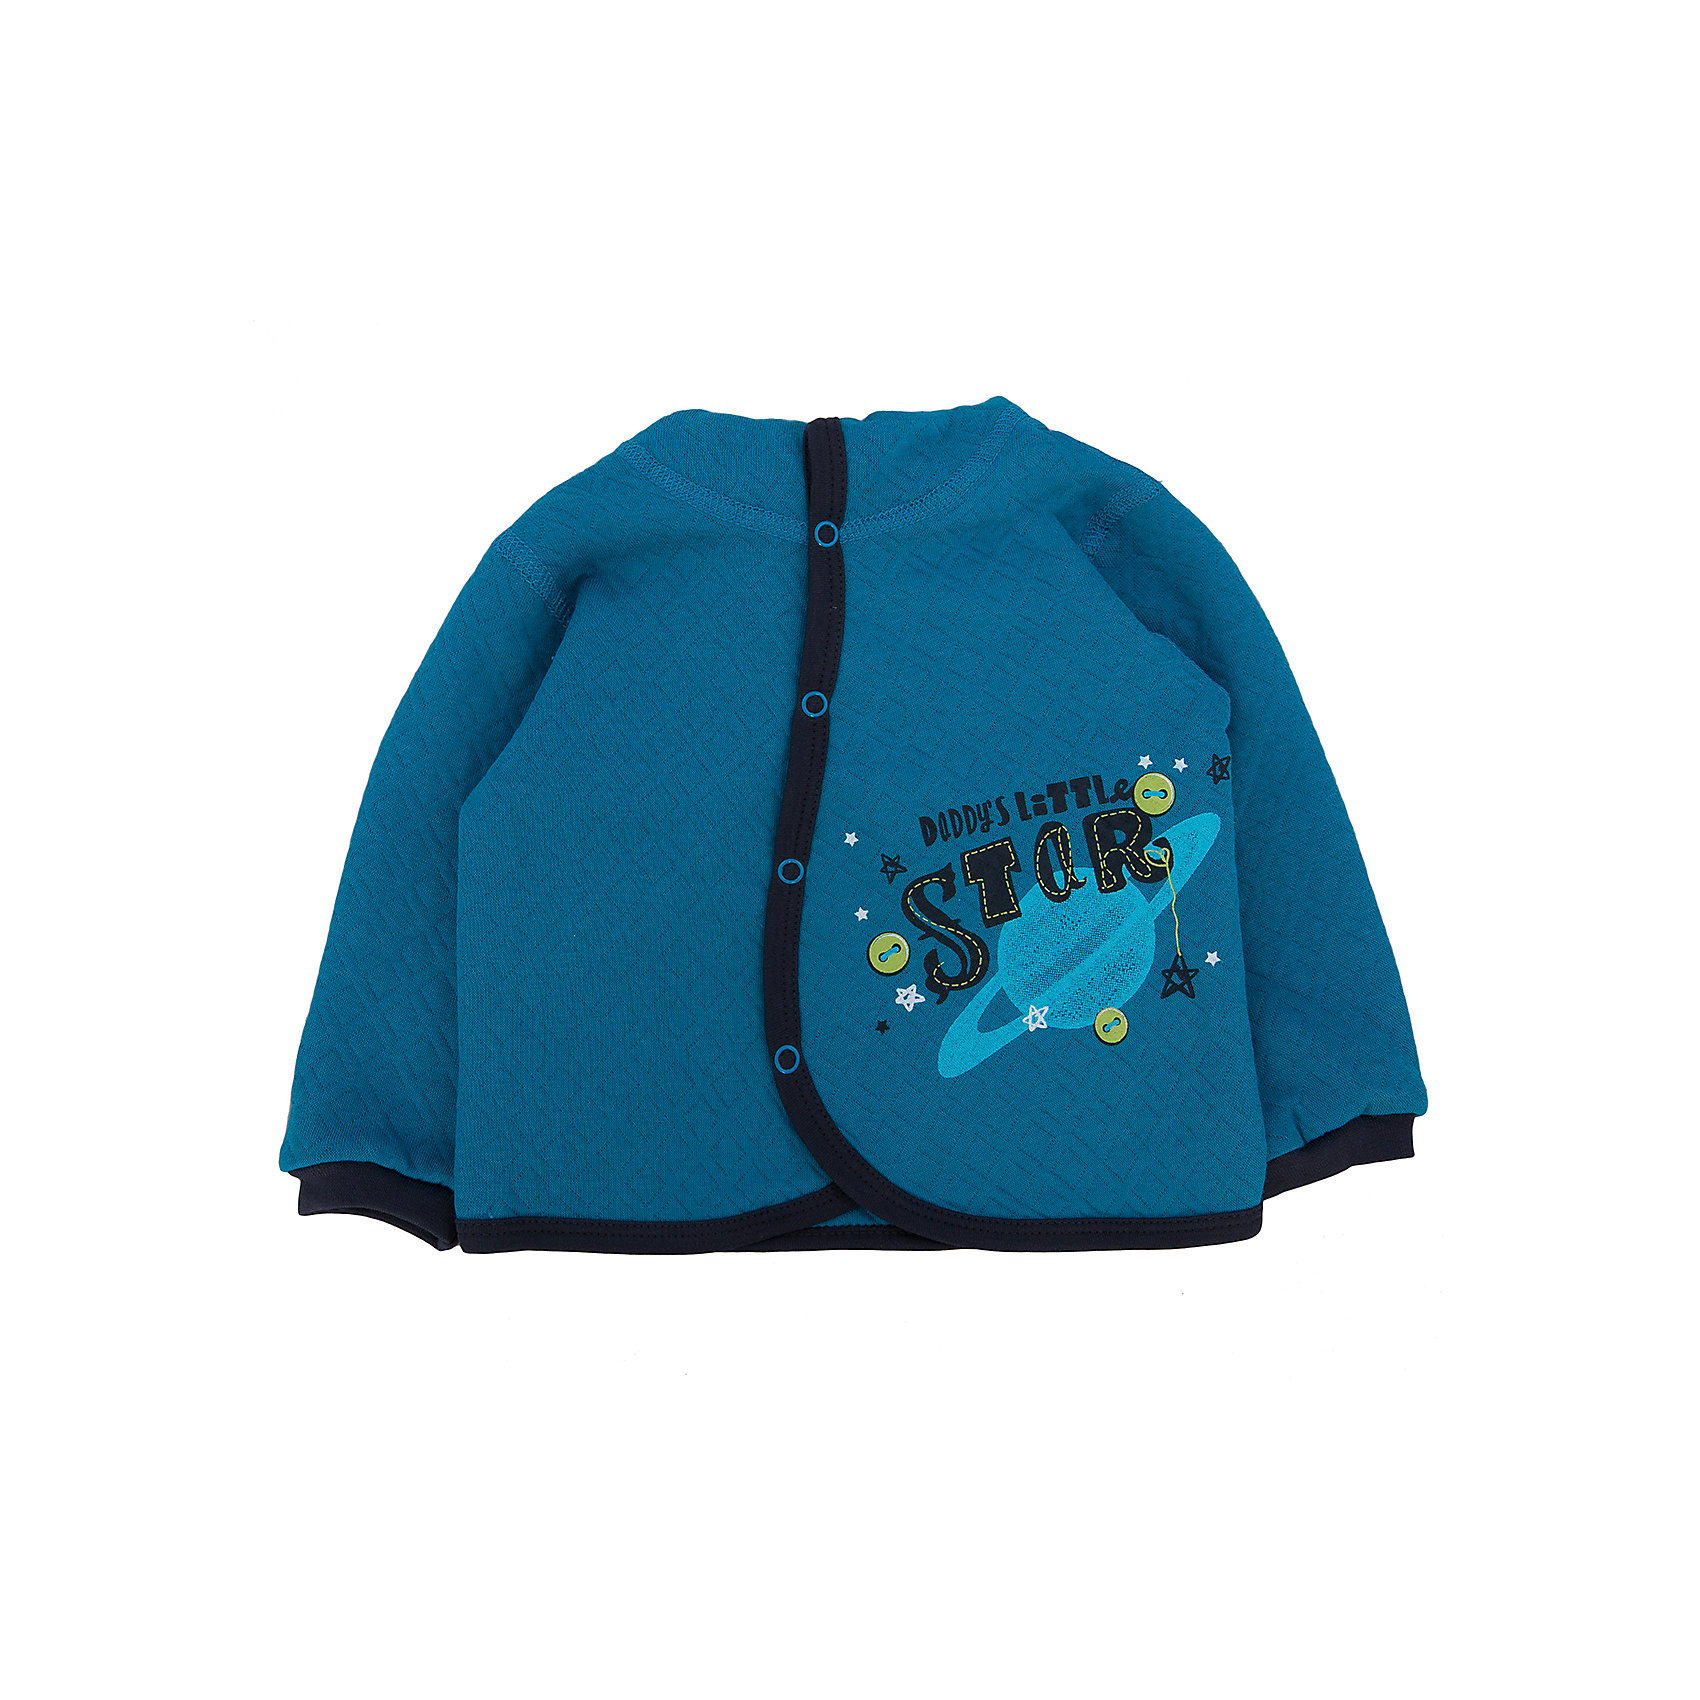 Куртка для мальчика  АпрельКуртка Апрель<br>Куртка с манжетами на рукавах и капюшоном коллекции Собака в космосе от компании Апрель - идеальный вариант одежды на каждый день в прохладное время года. Куртка легко одевается и застегивается на кнопки. Изготовлена из утепленного, трехслойного трикотажного полотна с эффектом стежки в виде ромба – капитония (100% хлопок). Мягкая приятная на ощупь куртка прекрасно согреет ребенка в прохладную погоду.<br><br>Дополнительная информация:<br><br>- Цвет: темная бирюза<br>- Ткань: капитония<br>- Состав: 100% хлопок<br><br>Куртку Апрель можно купить в нашем интернет-магазине.<br><br>Ширина мм: 215<br>Глубина мм: 88<br>Высота мм: 191<br>Вес г: 336<br>Цвет: бирюзовый<br>Возраст от месяцев: 6<br>Возраст до месяцев: 9<br>Пол: Унисекс<br>Возраст: Детский<br>Размер: 74<br>SKU: 4726198